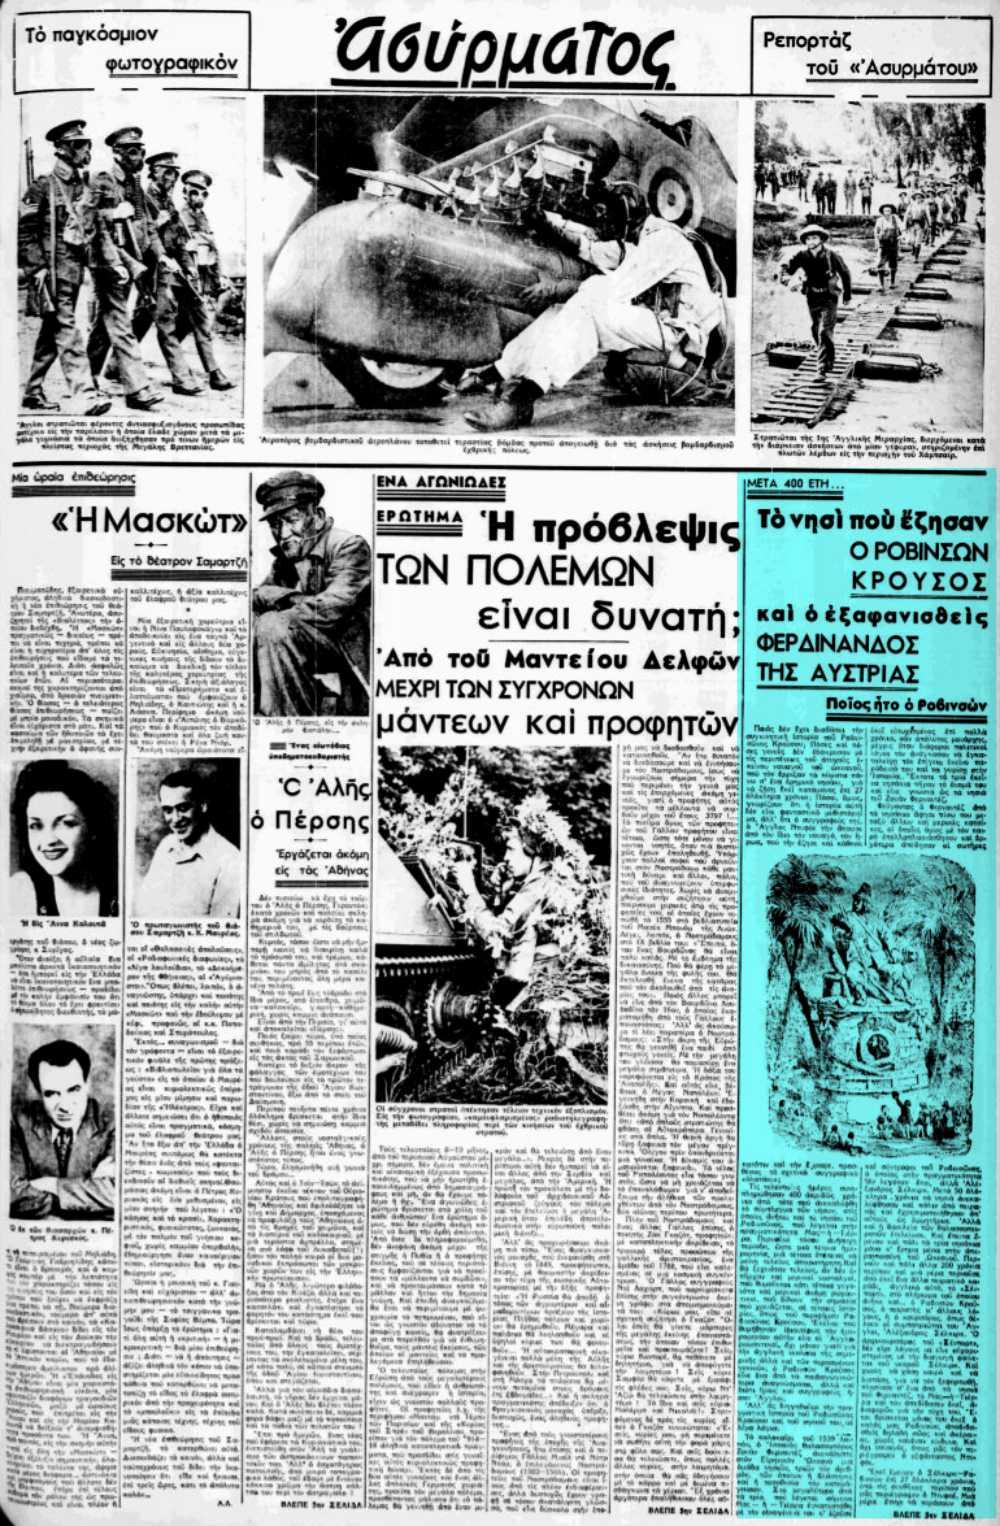 """Το άρθρο, όπως δημοσιεύθηκε στην εφημερίδα """"ΑΣΥΡΜΑΤΟΣ"""", στις 25/08/1939"""